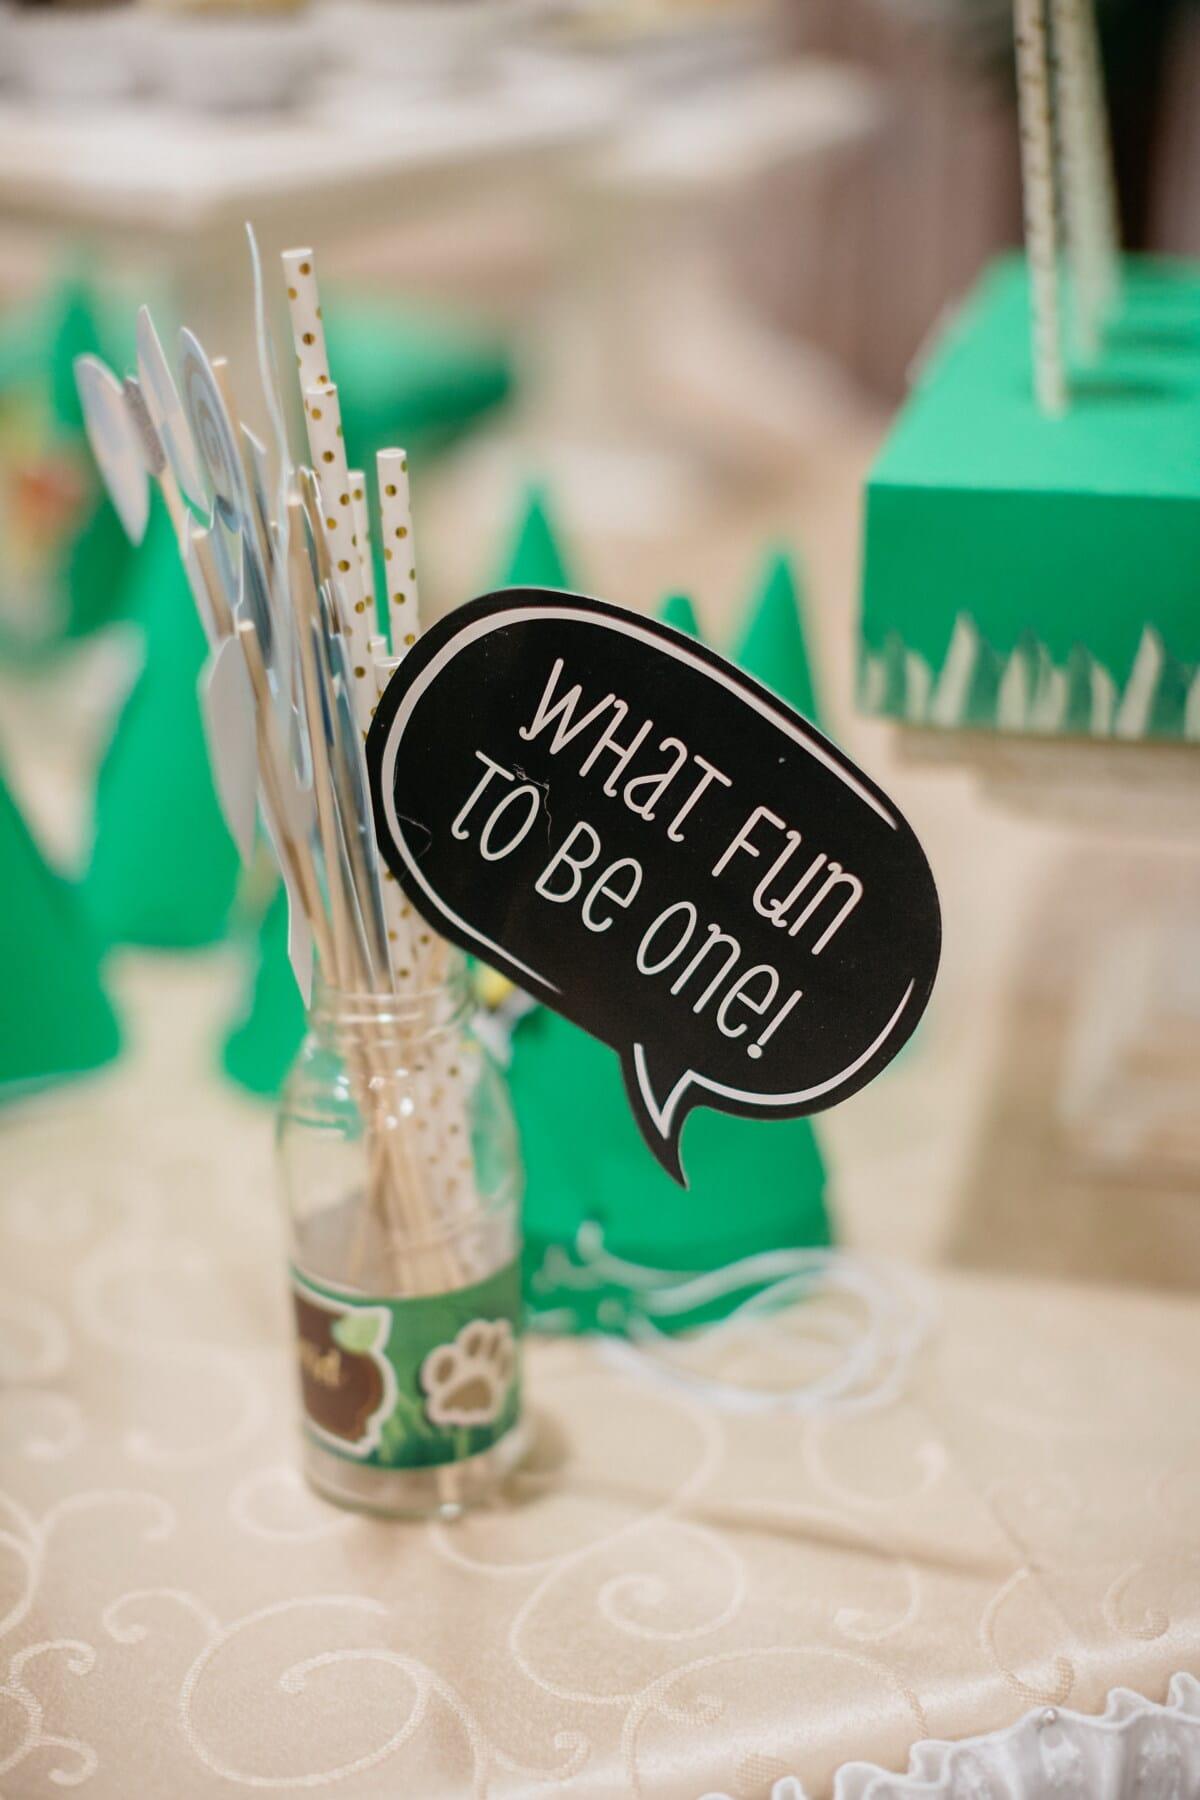 lustig, Geburtstag, Zeichen, Geschenke, Flasche, Strohhalm trinken, drinnen, traditionelle, Papier, Retro